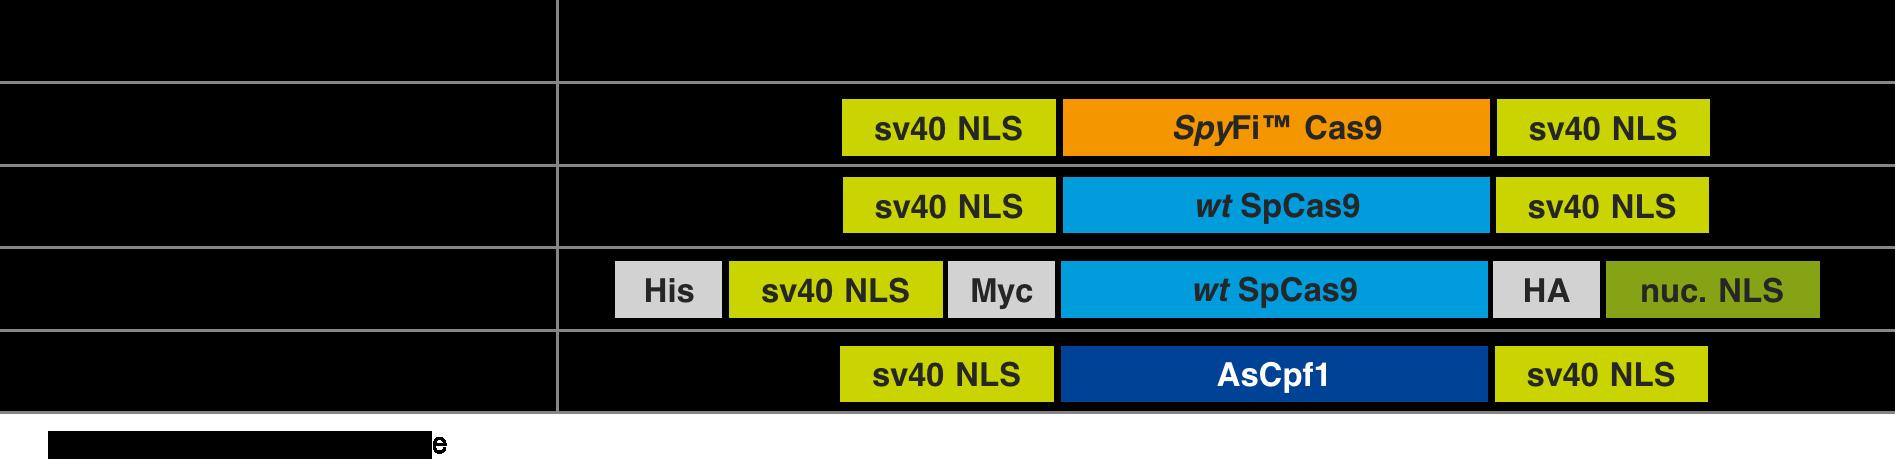 ald-SpyFi chart-web-1217.png